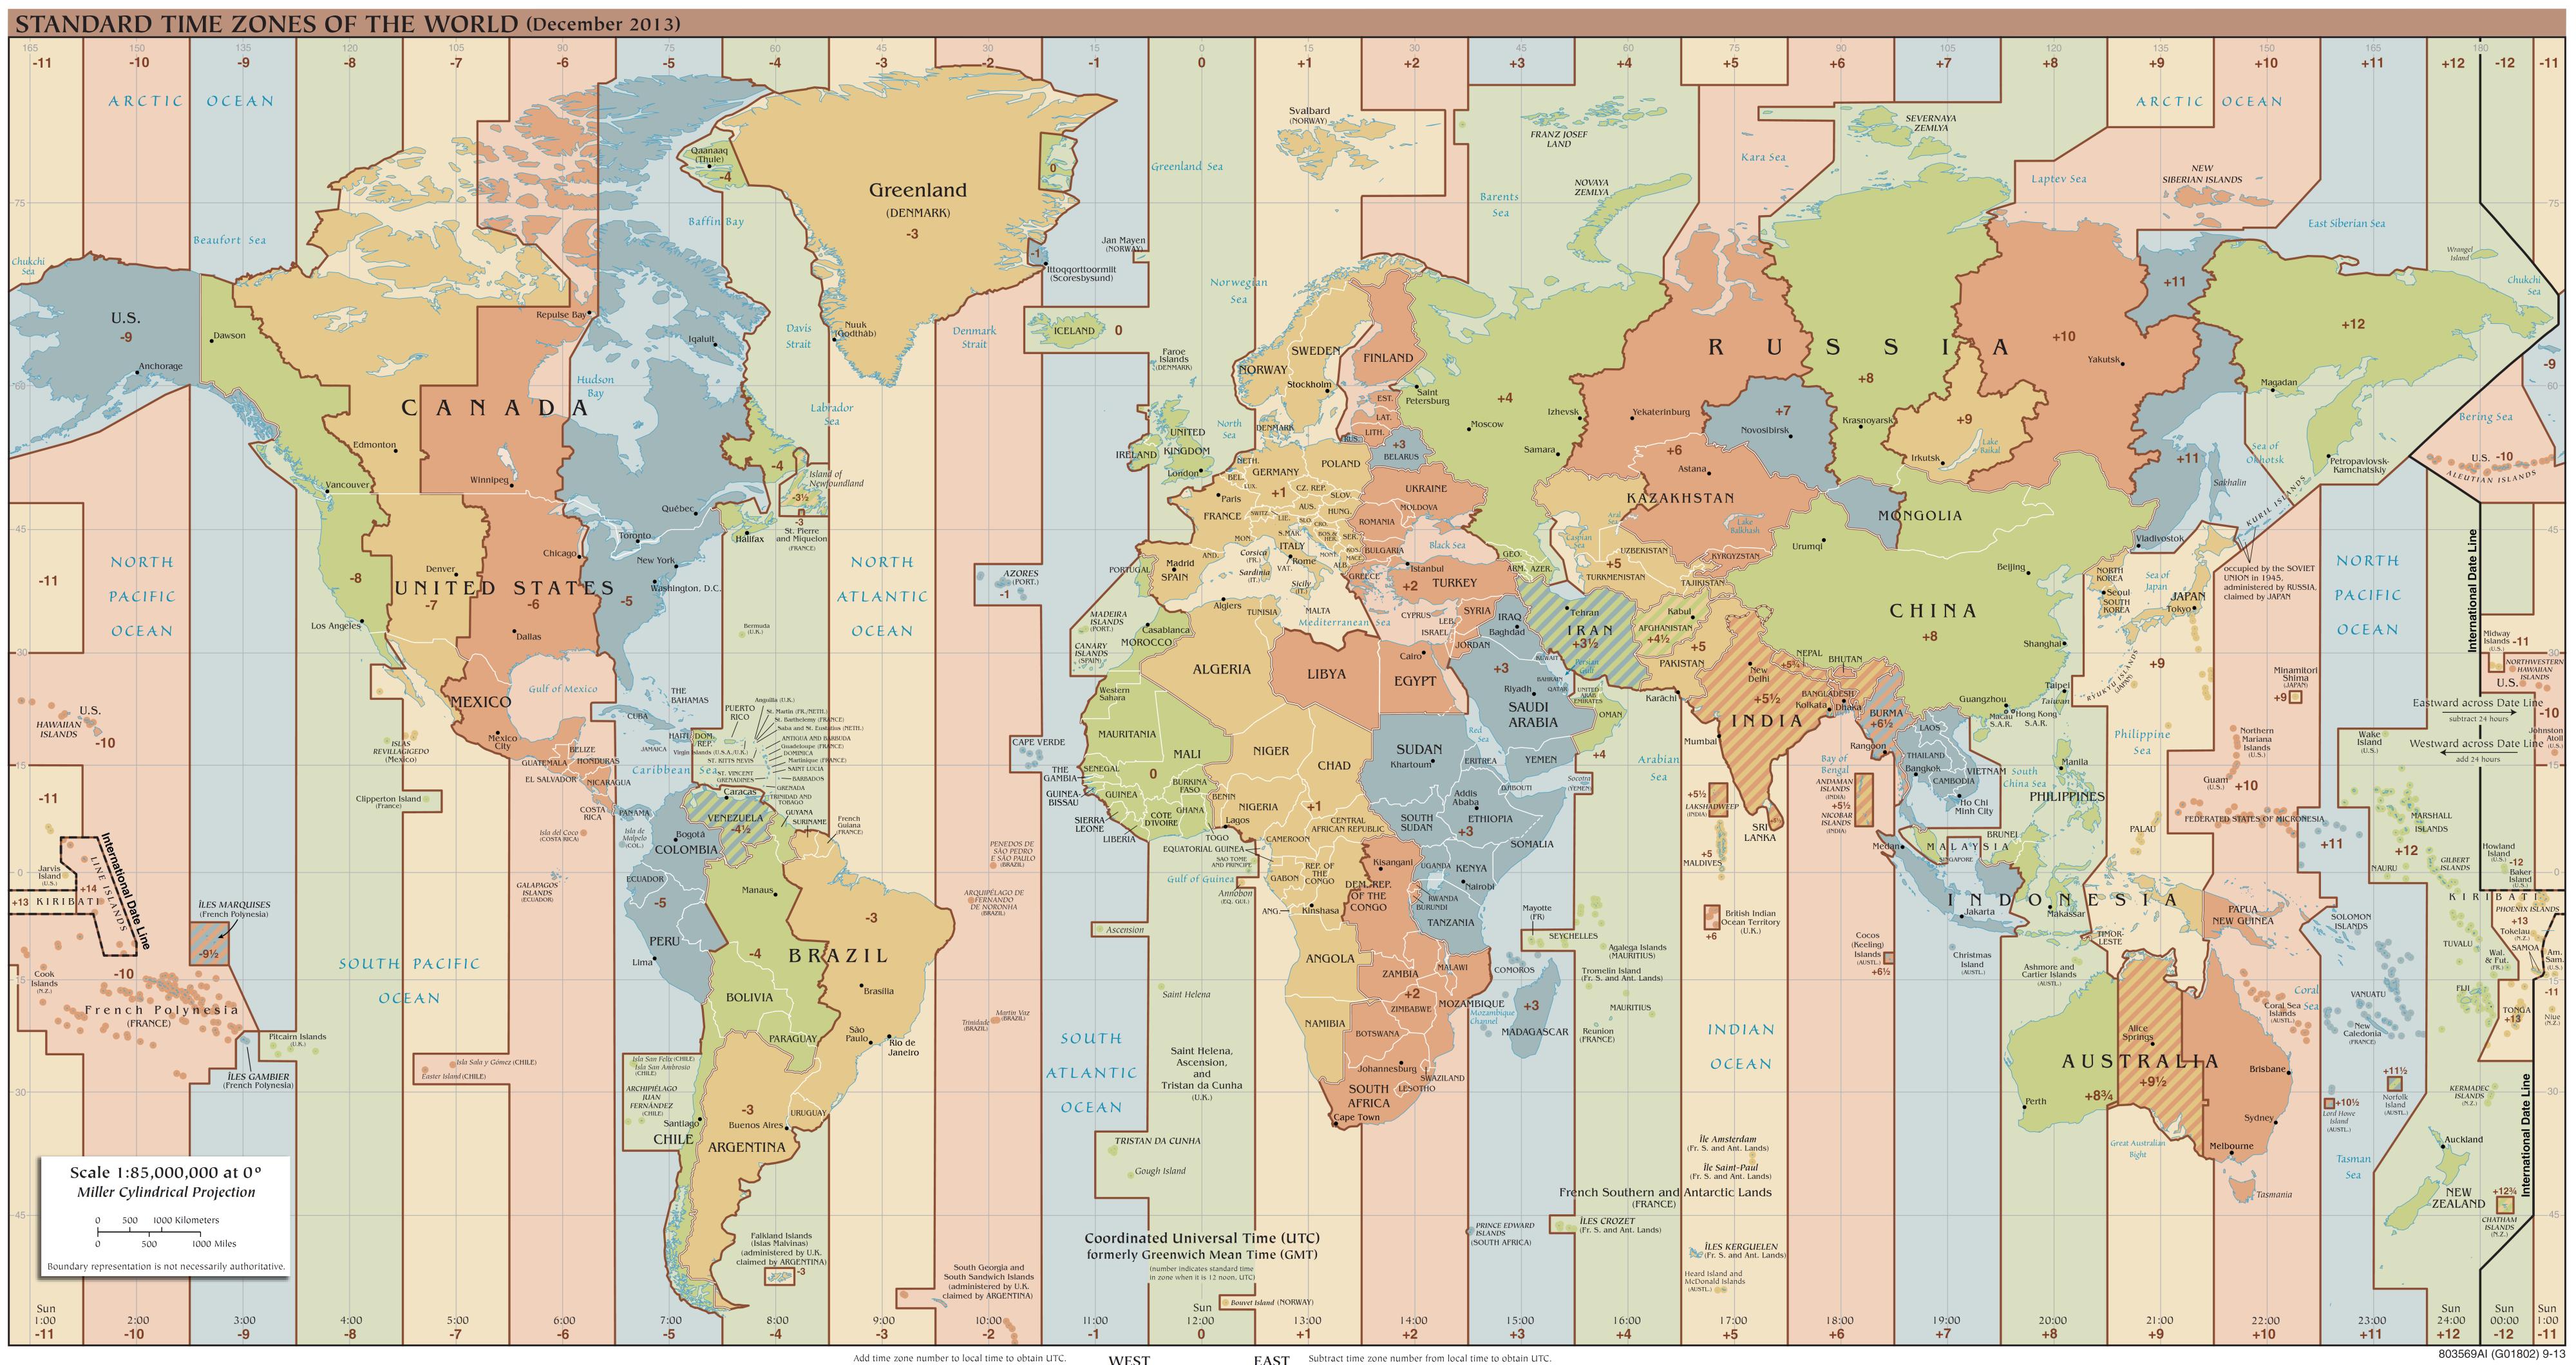 Pin by Geografia Universal tb on Cartografa